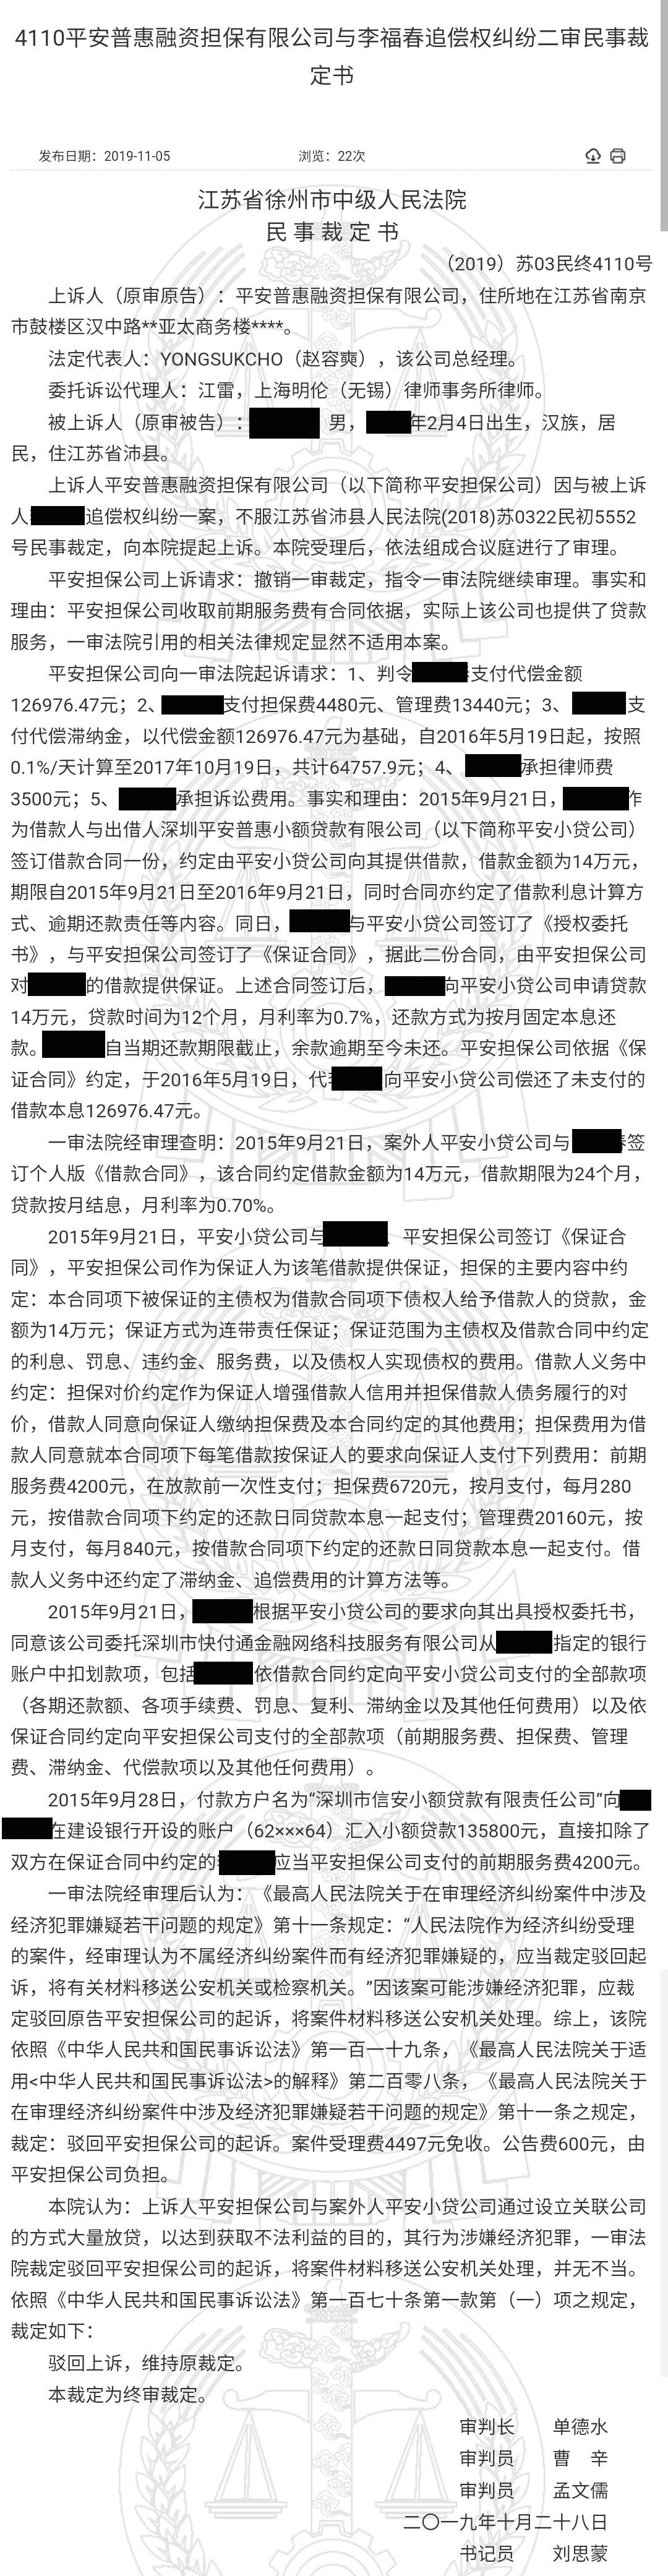 """广发娱乐场备用网址 - 被指为""""台独""""企业后 这家台企在大陆又遭遇败诉"""